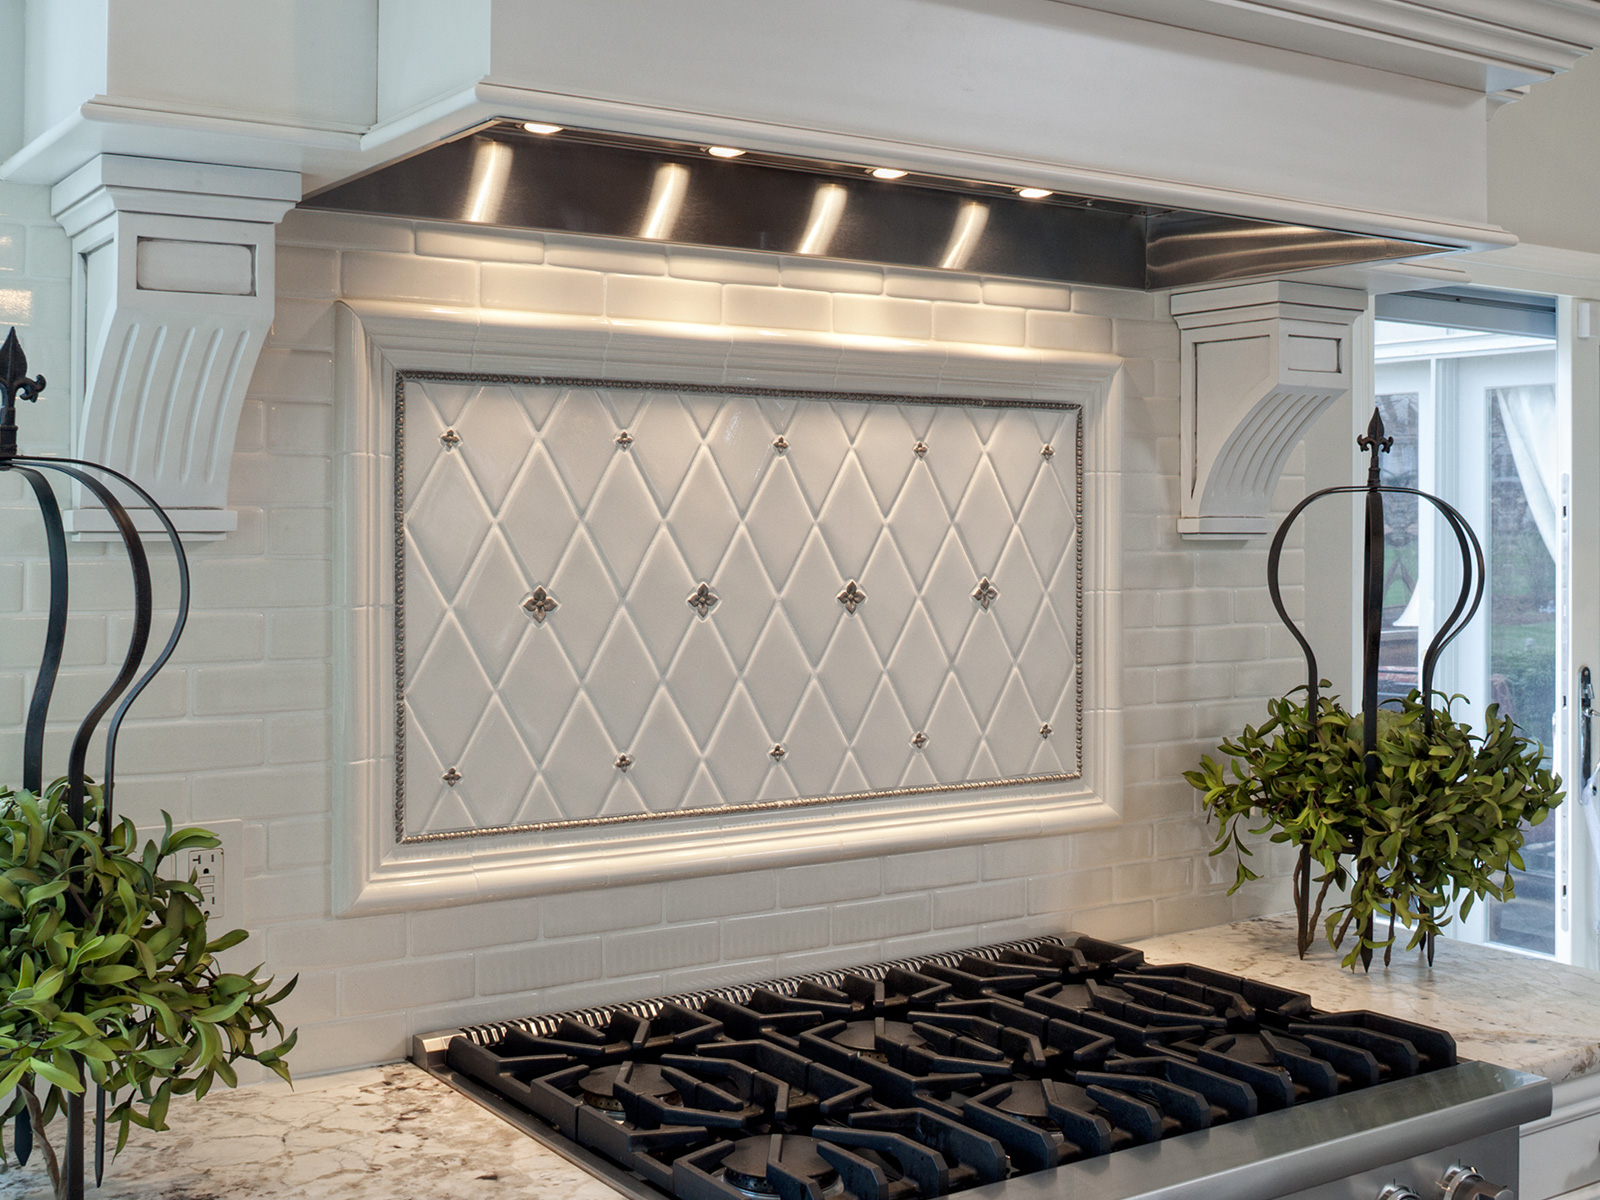 Drury Design kitchen featuring Bronzework Studio metal inset tiles